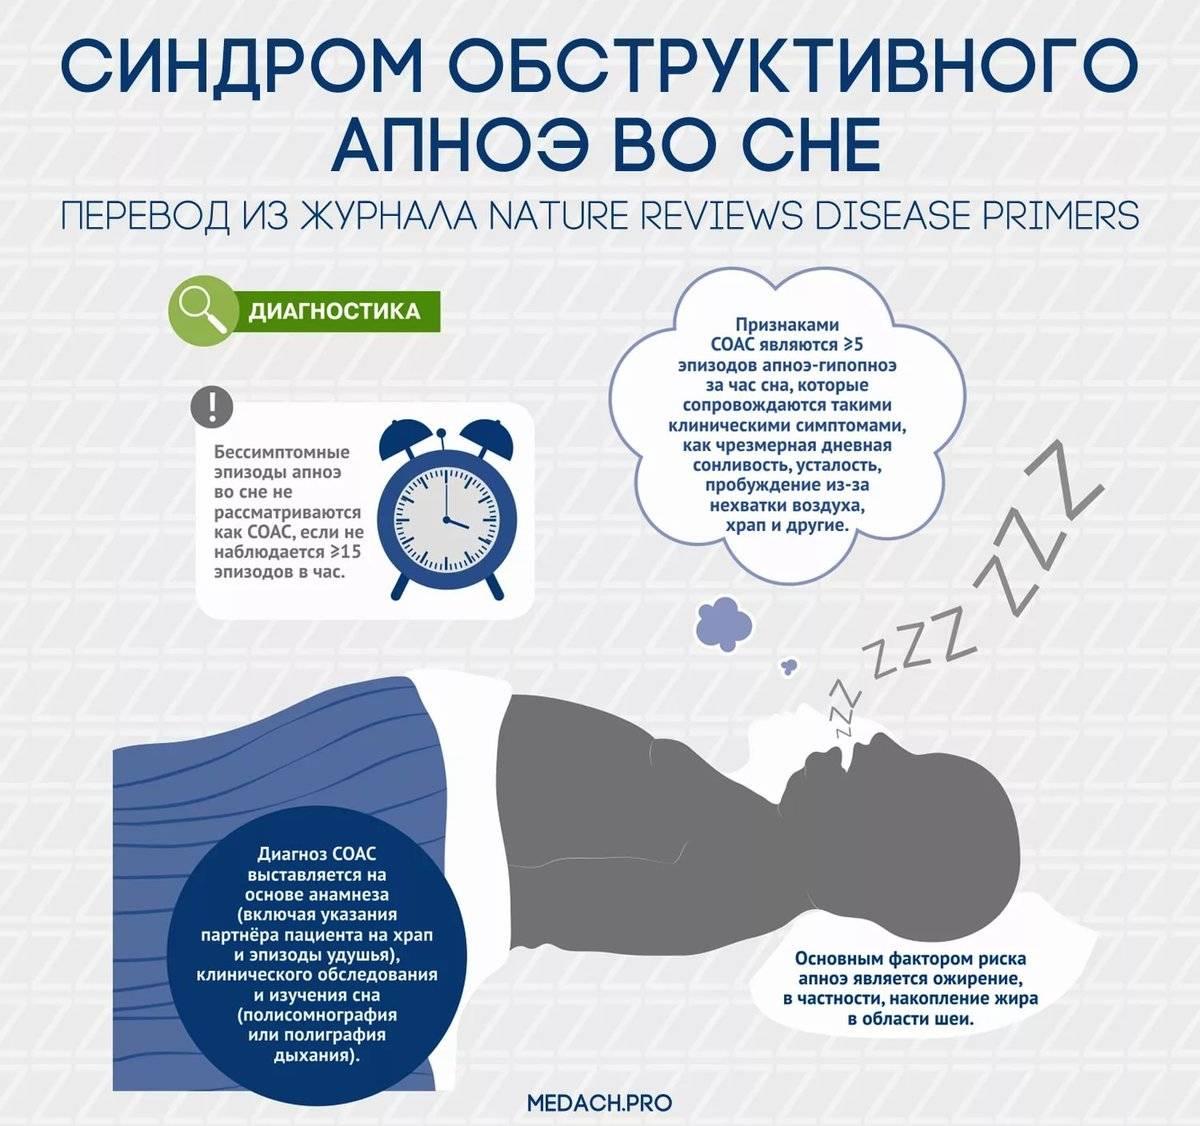 Апноэ: понятие, факторы развития, симптомы, постановка диагноза, лечение